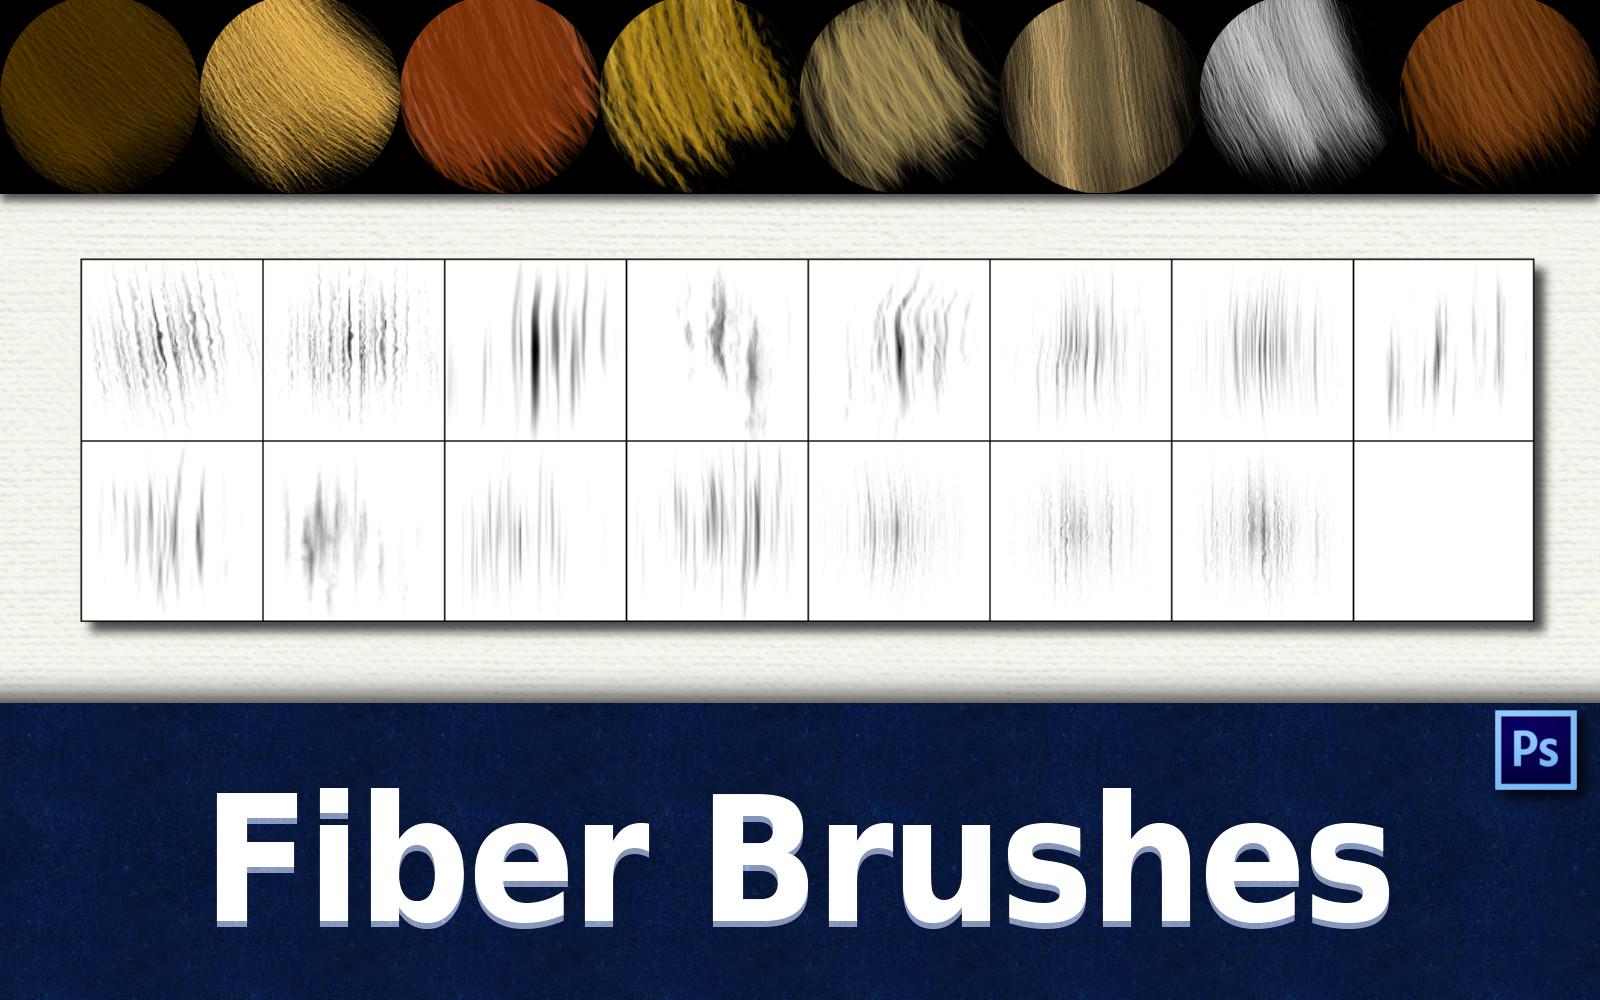 Fiber Brushes by GrindGod